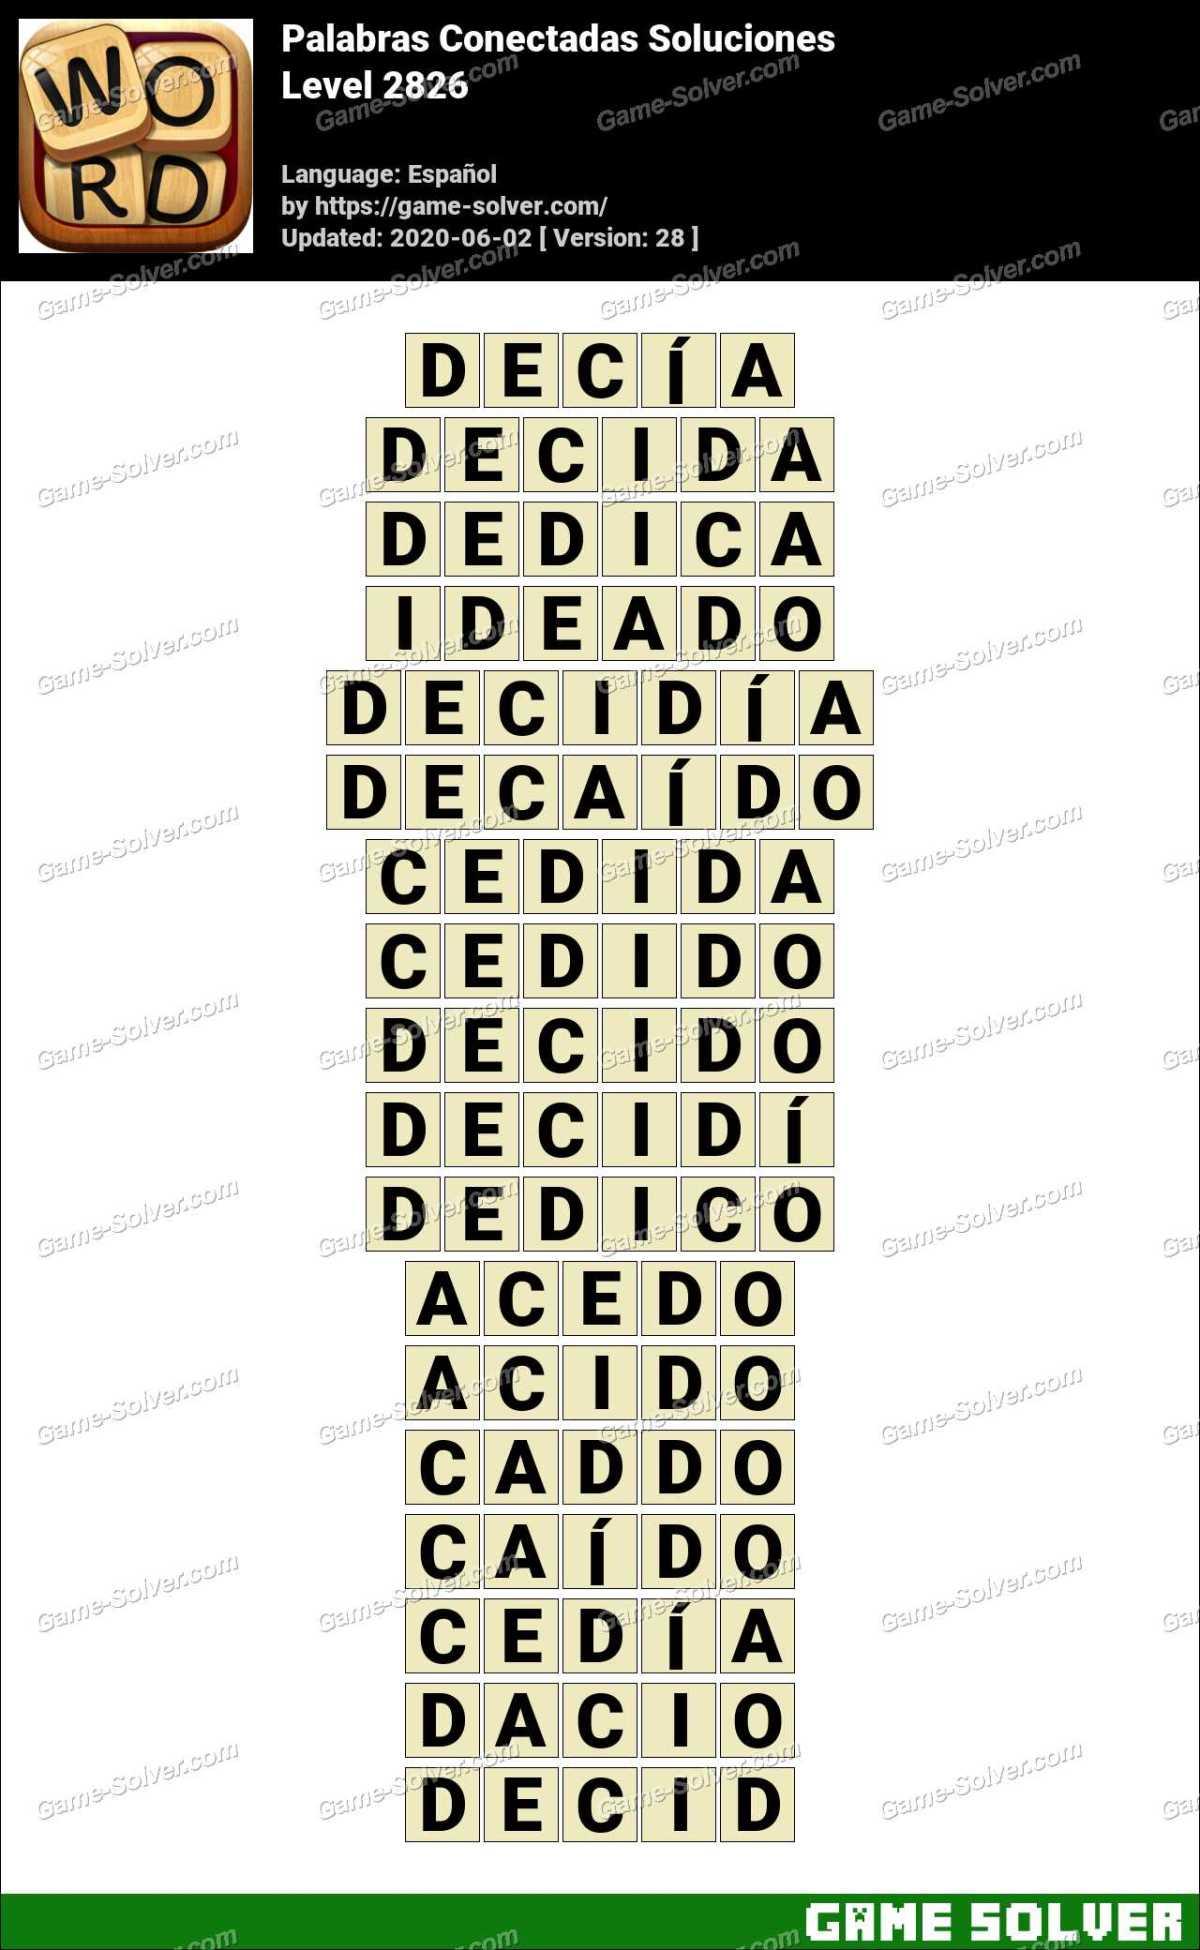 Palabras Conectadas Nivel 2826 Soluciones